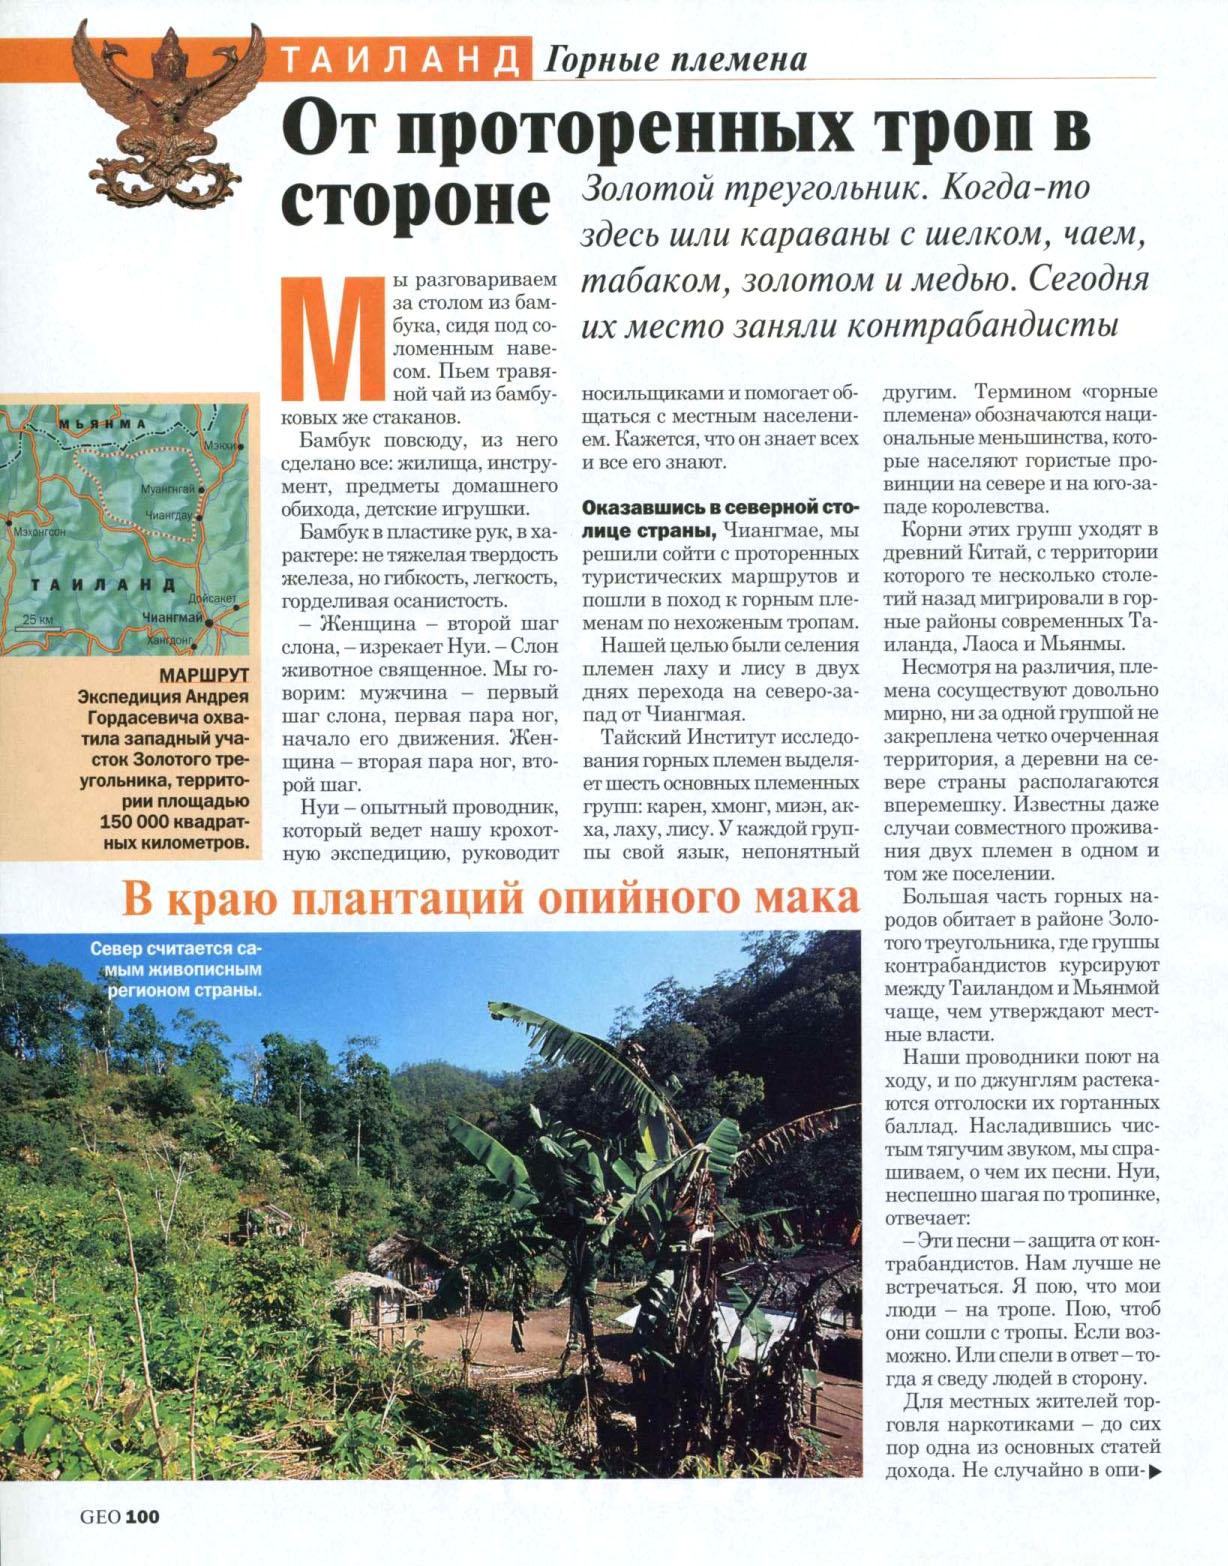 GEO-Rus_2003-03_18.jpg